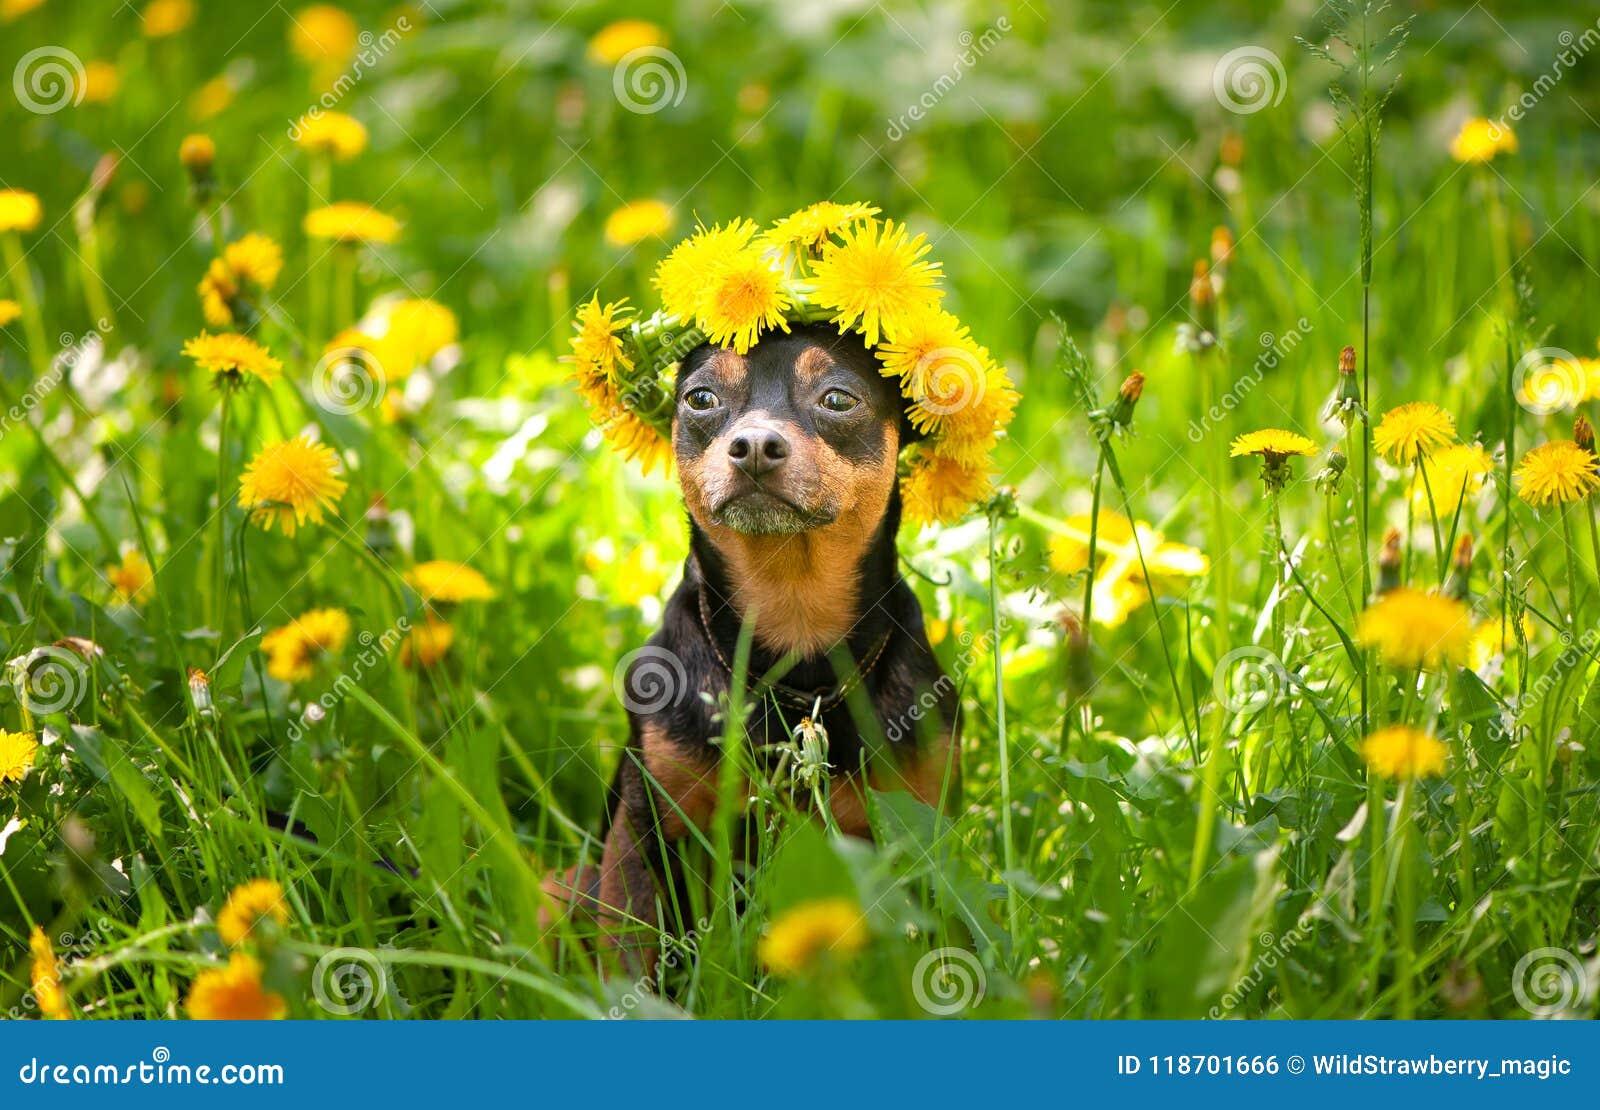 Le chiot d ute de ¡ de Ð, un chien dans une guirlande de ressort fleurit sur une floraison